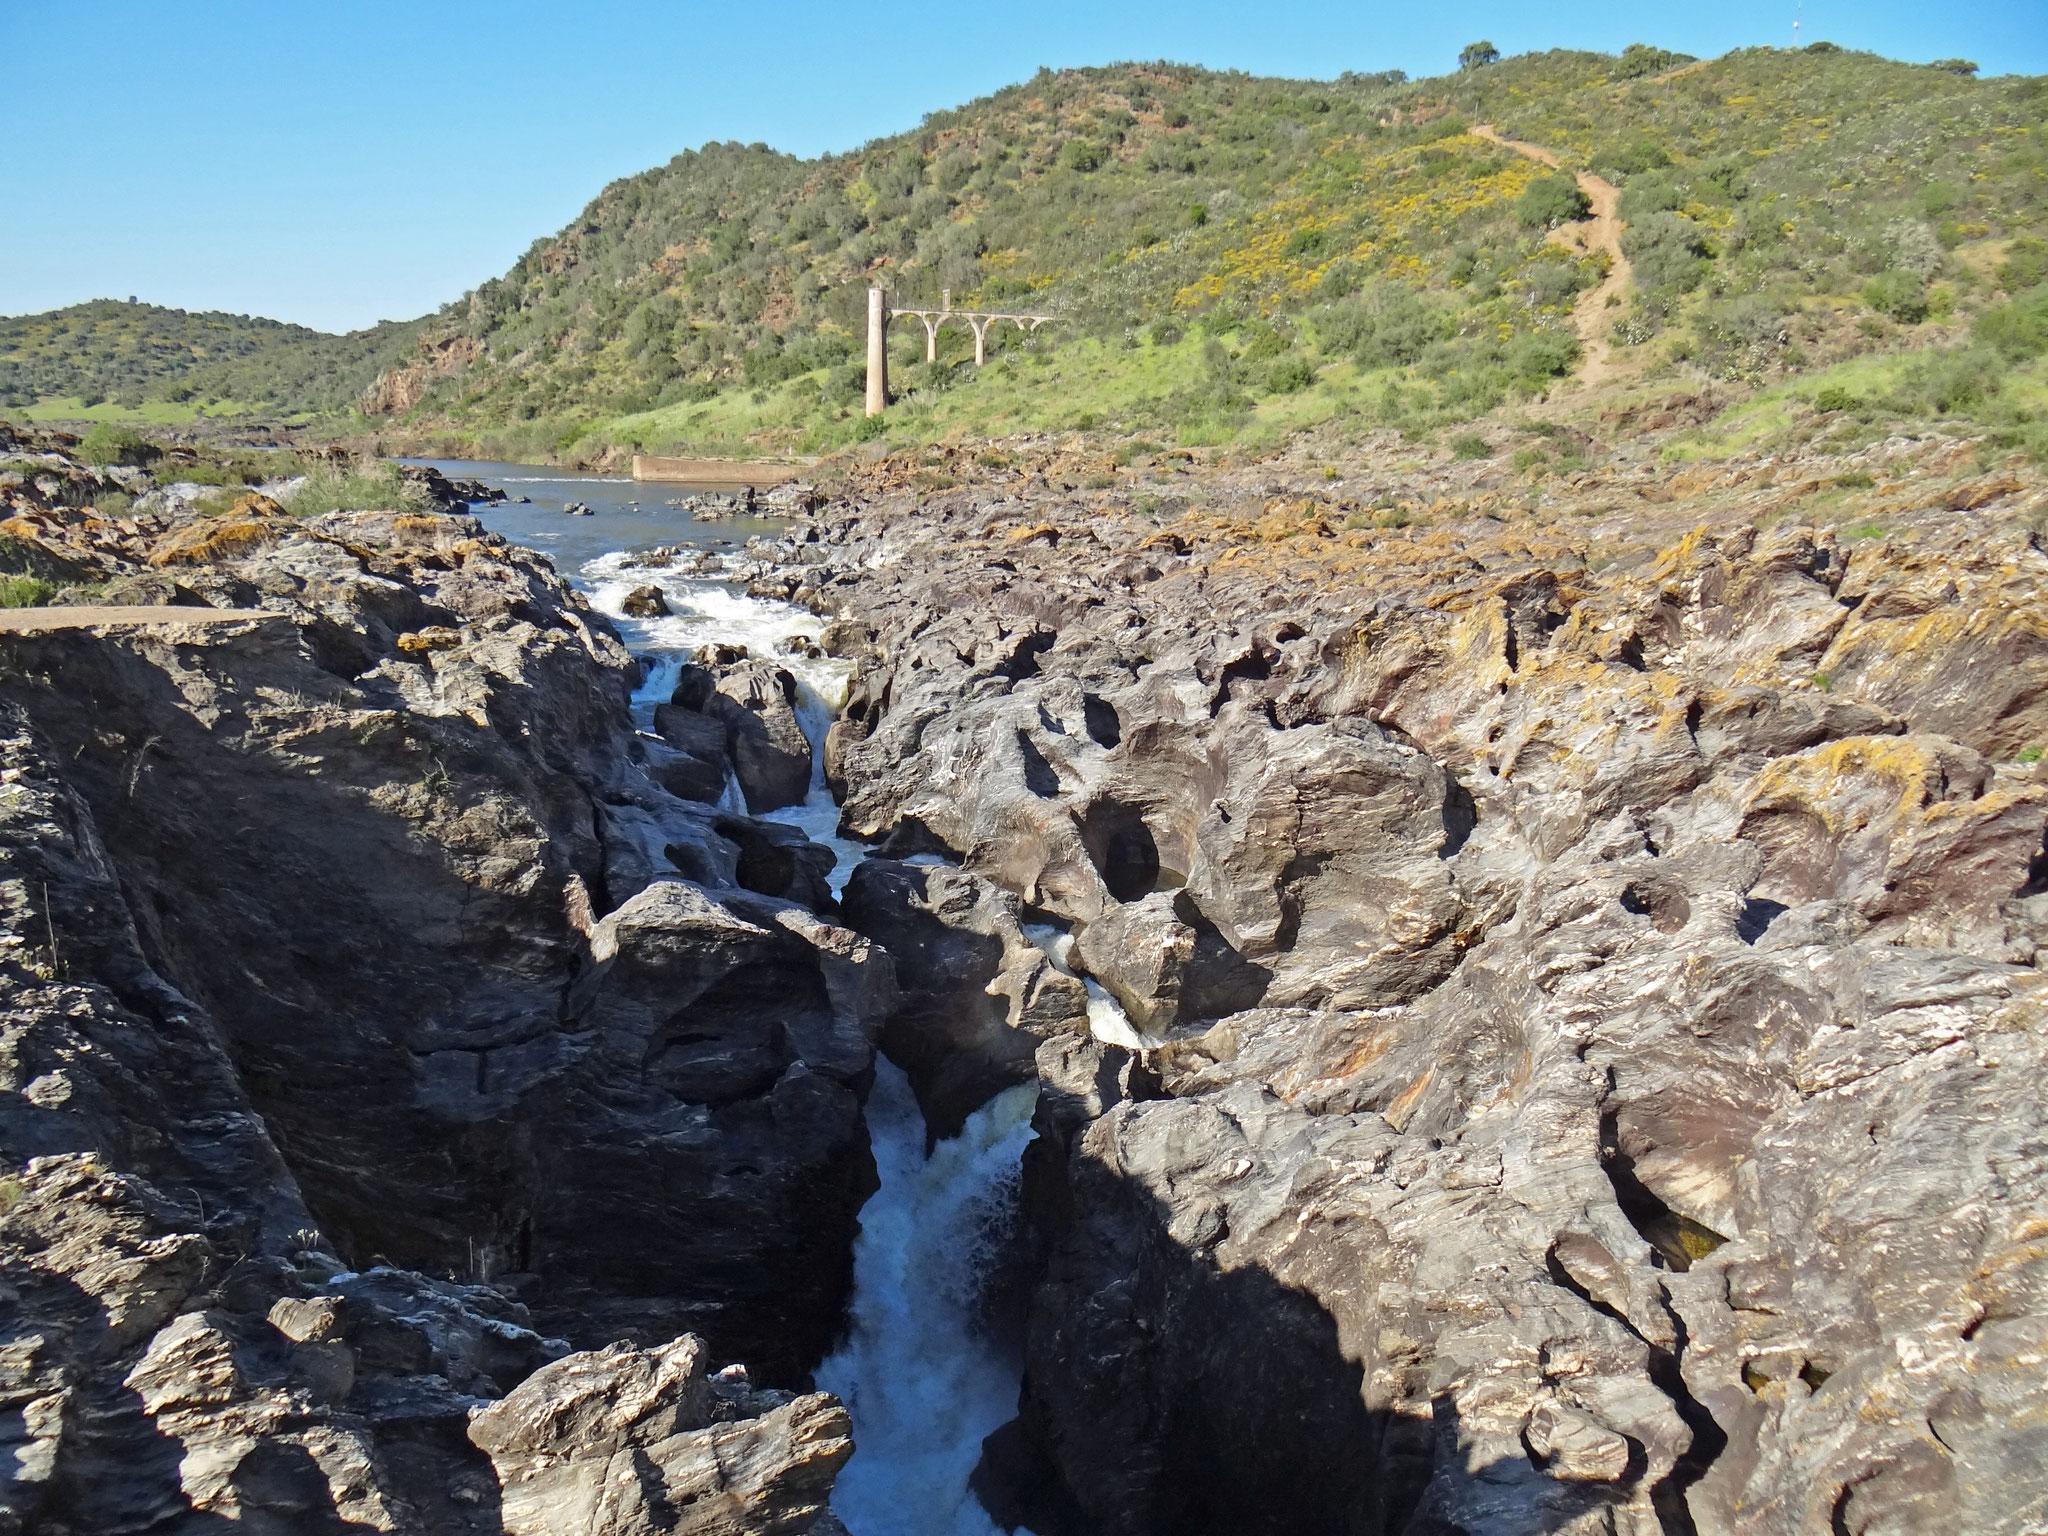 Der Pulo do Lobo (Wolfssprung), eine enge Stromschnelle des Guadiana-Flusses bei Mertola